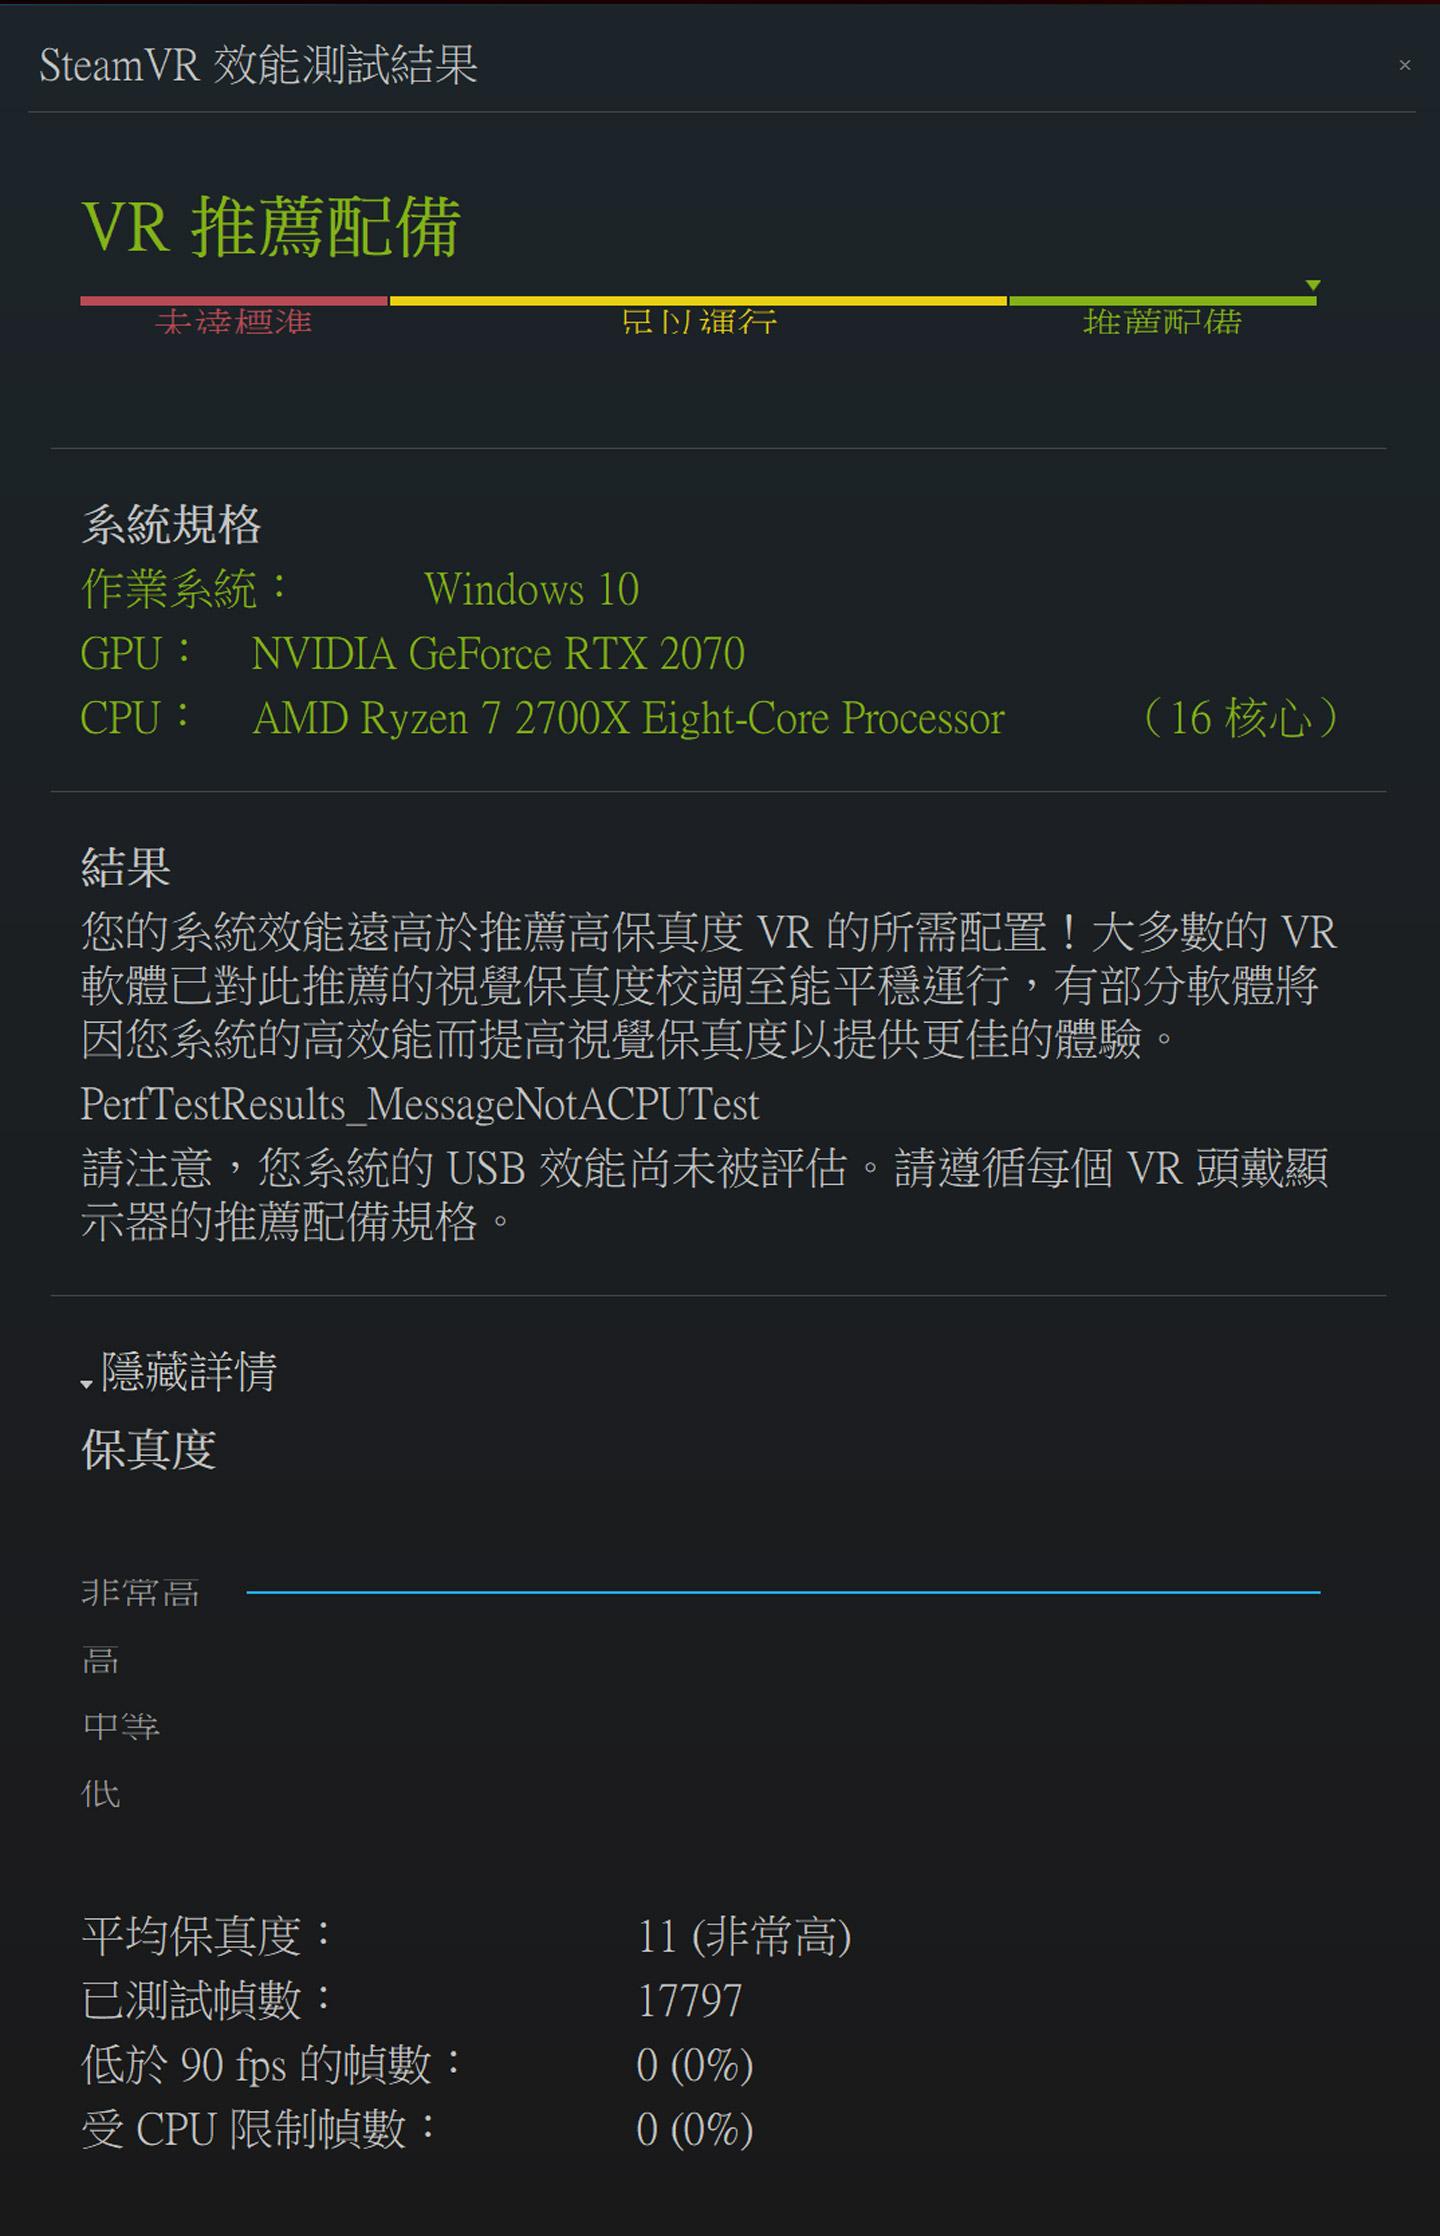 透過 SteamVR Performance 測試,獲得 11(非常高)的分數。